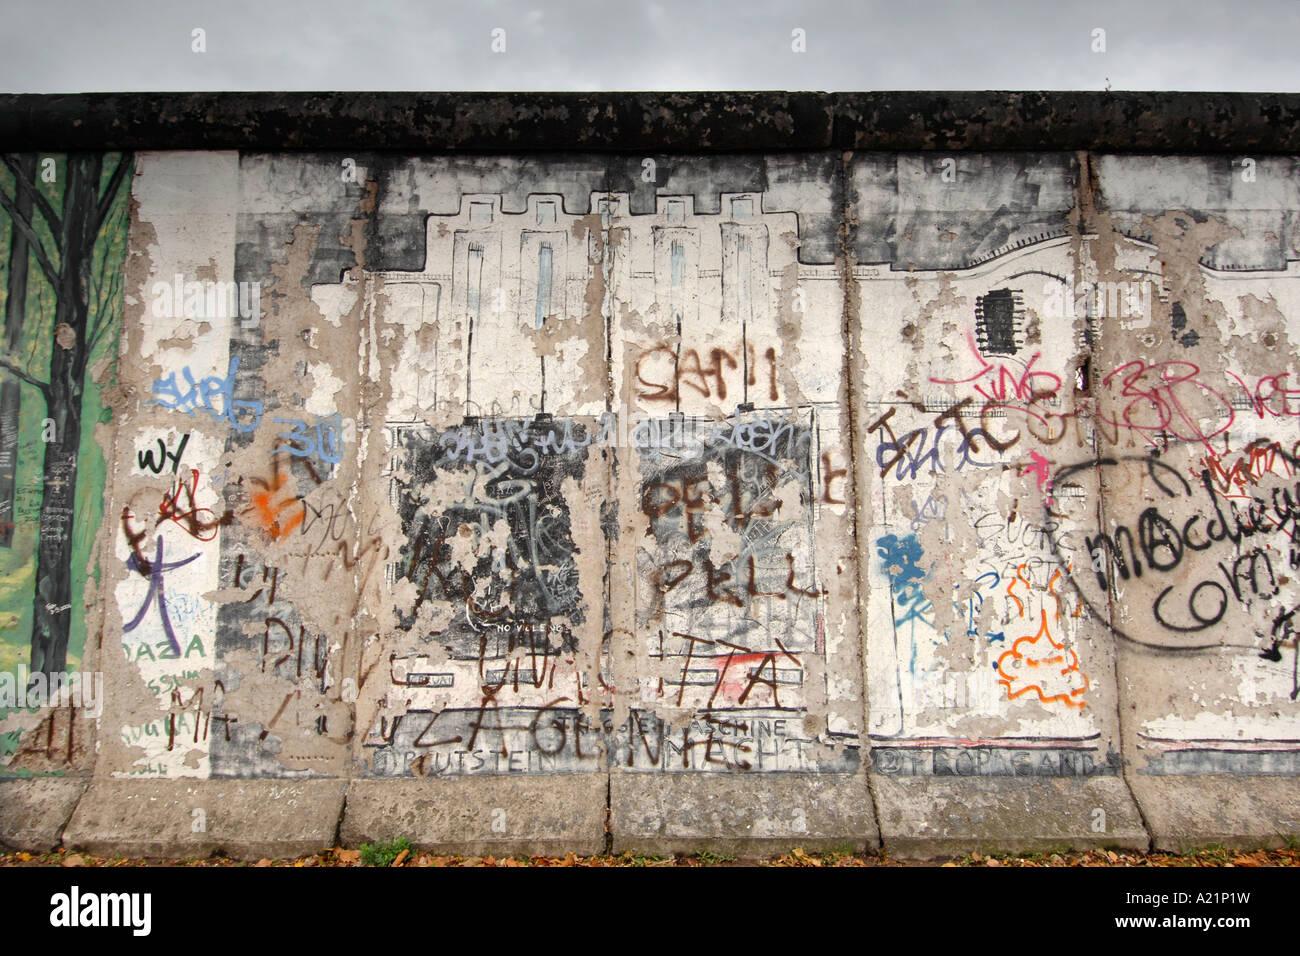 La East Side Gallery, une section commémorative préservé du mur de Berlin en Allemagne. Photo Stock